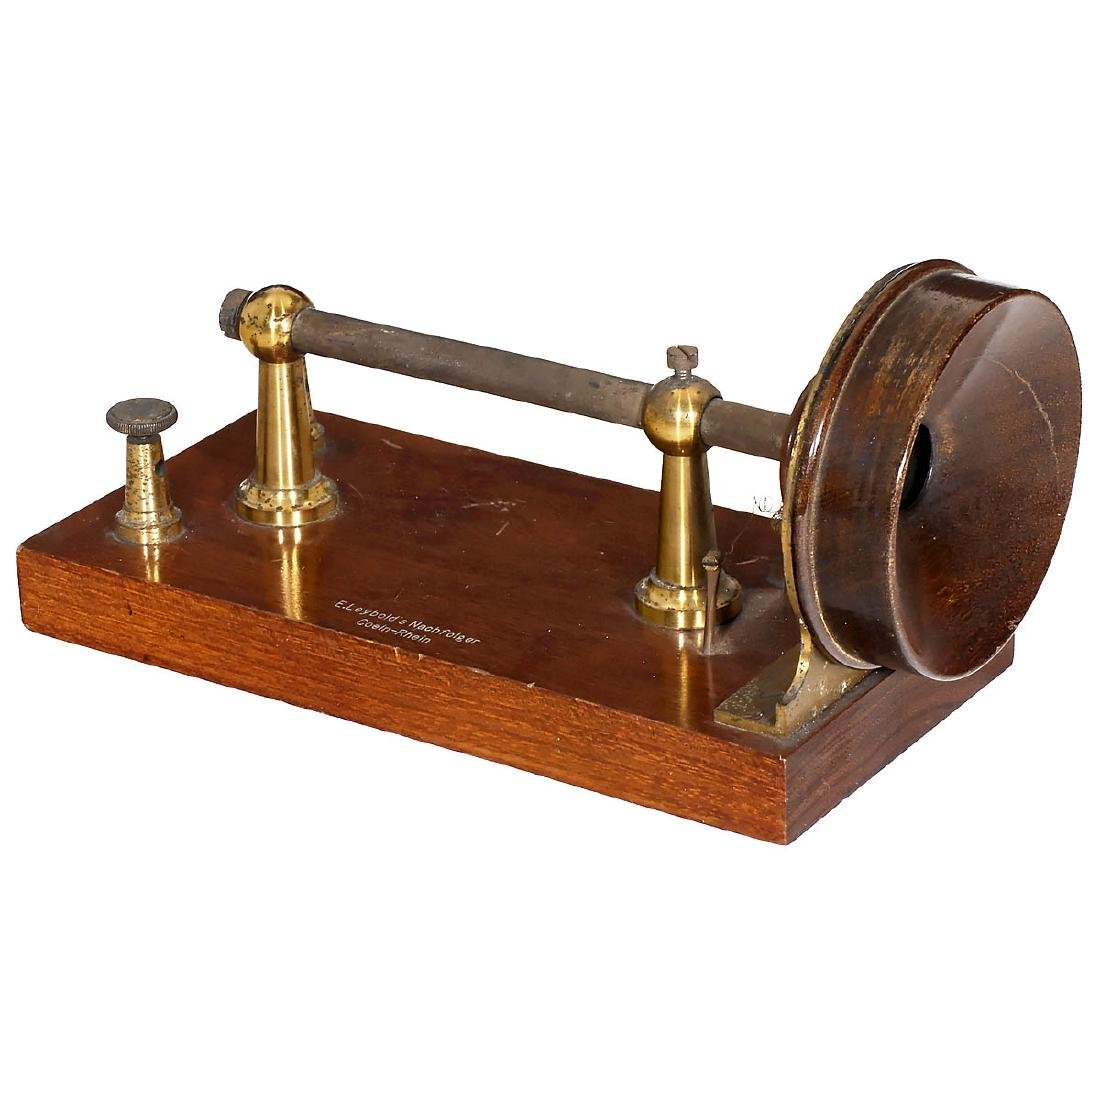 Bell Telephone Demonstration Model, c. 1900